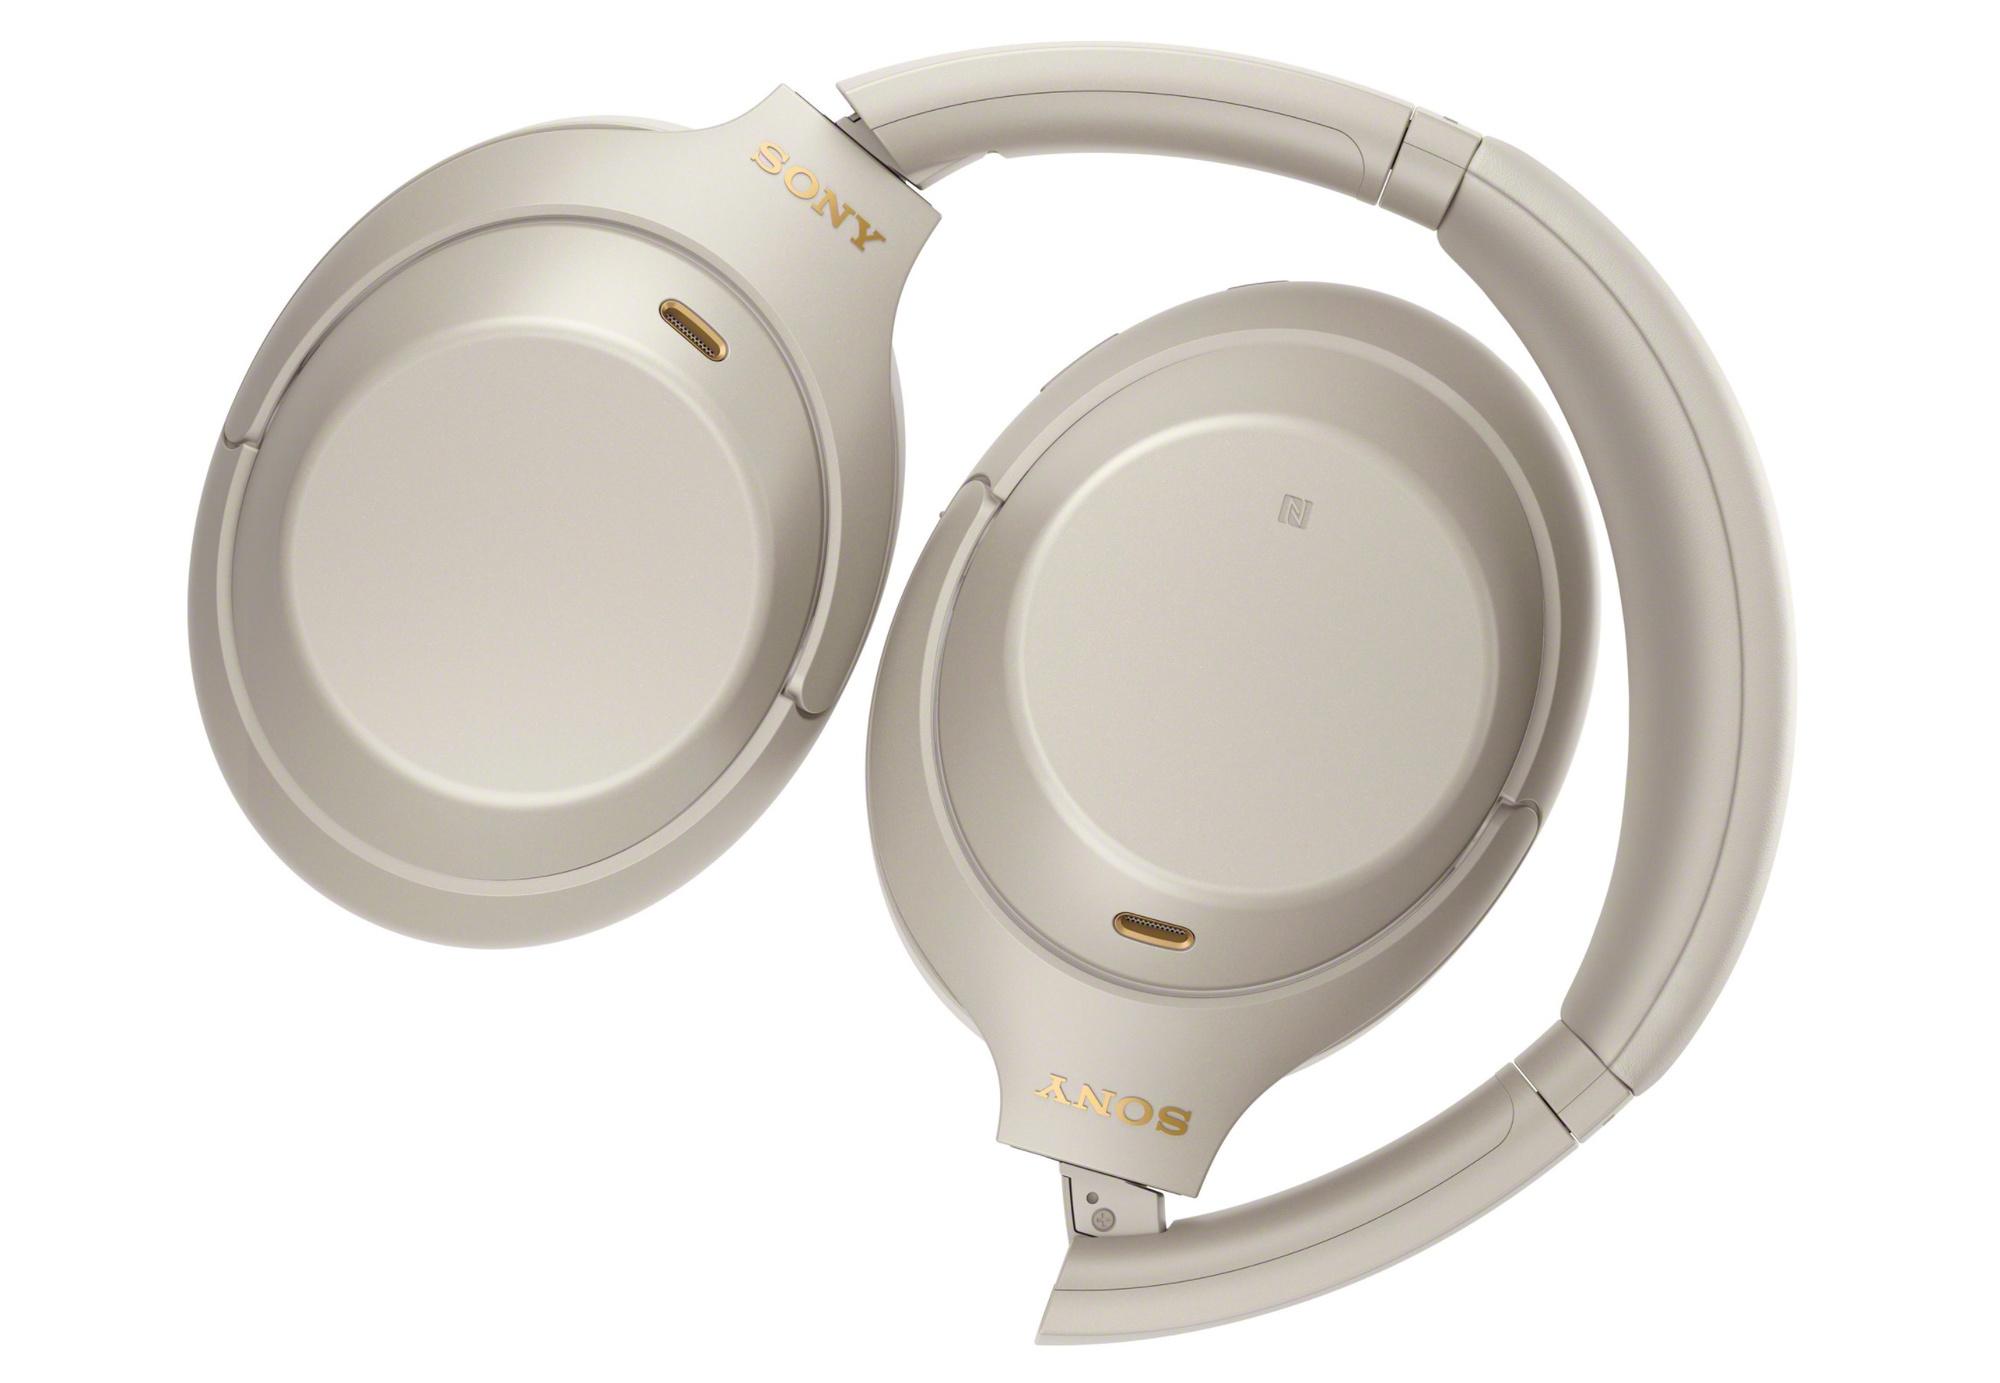 Sony WH-1000XM4., Sony